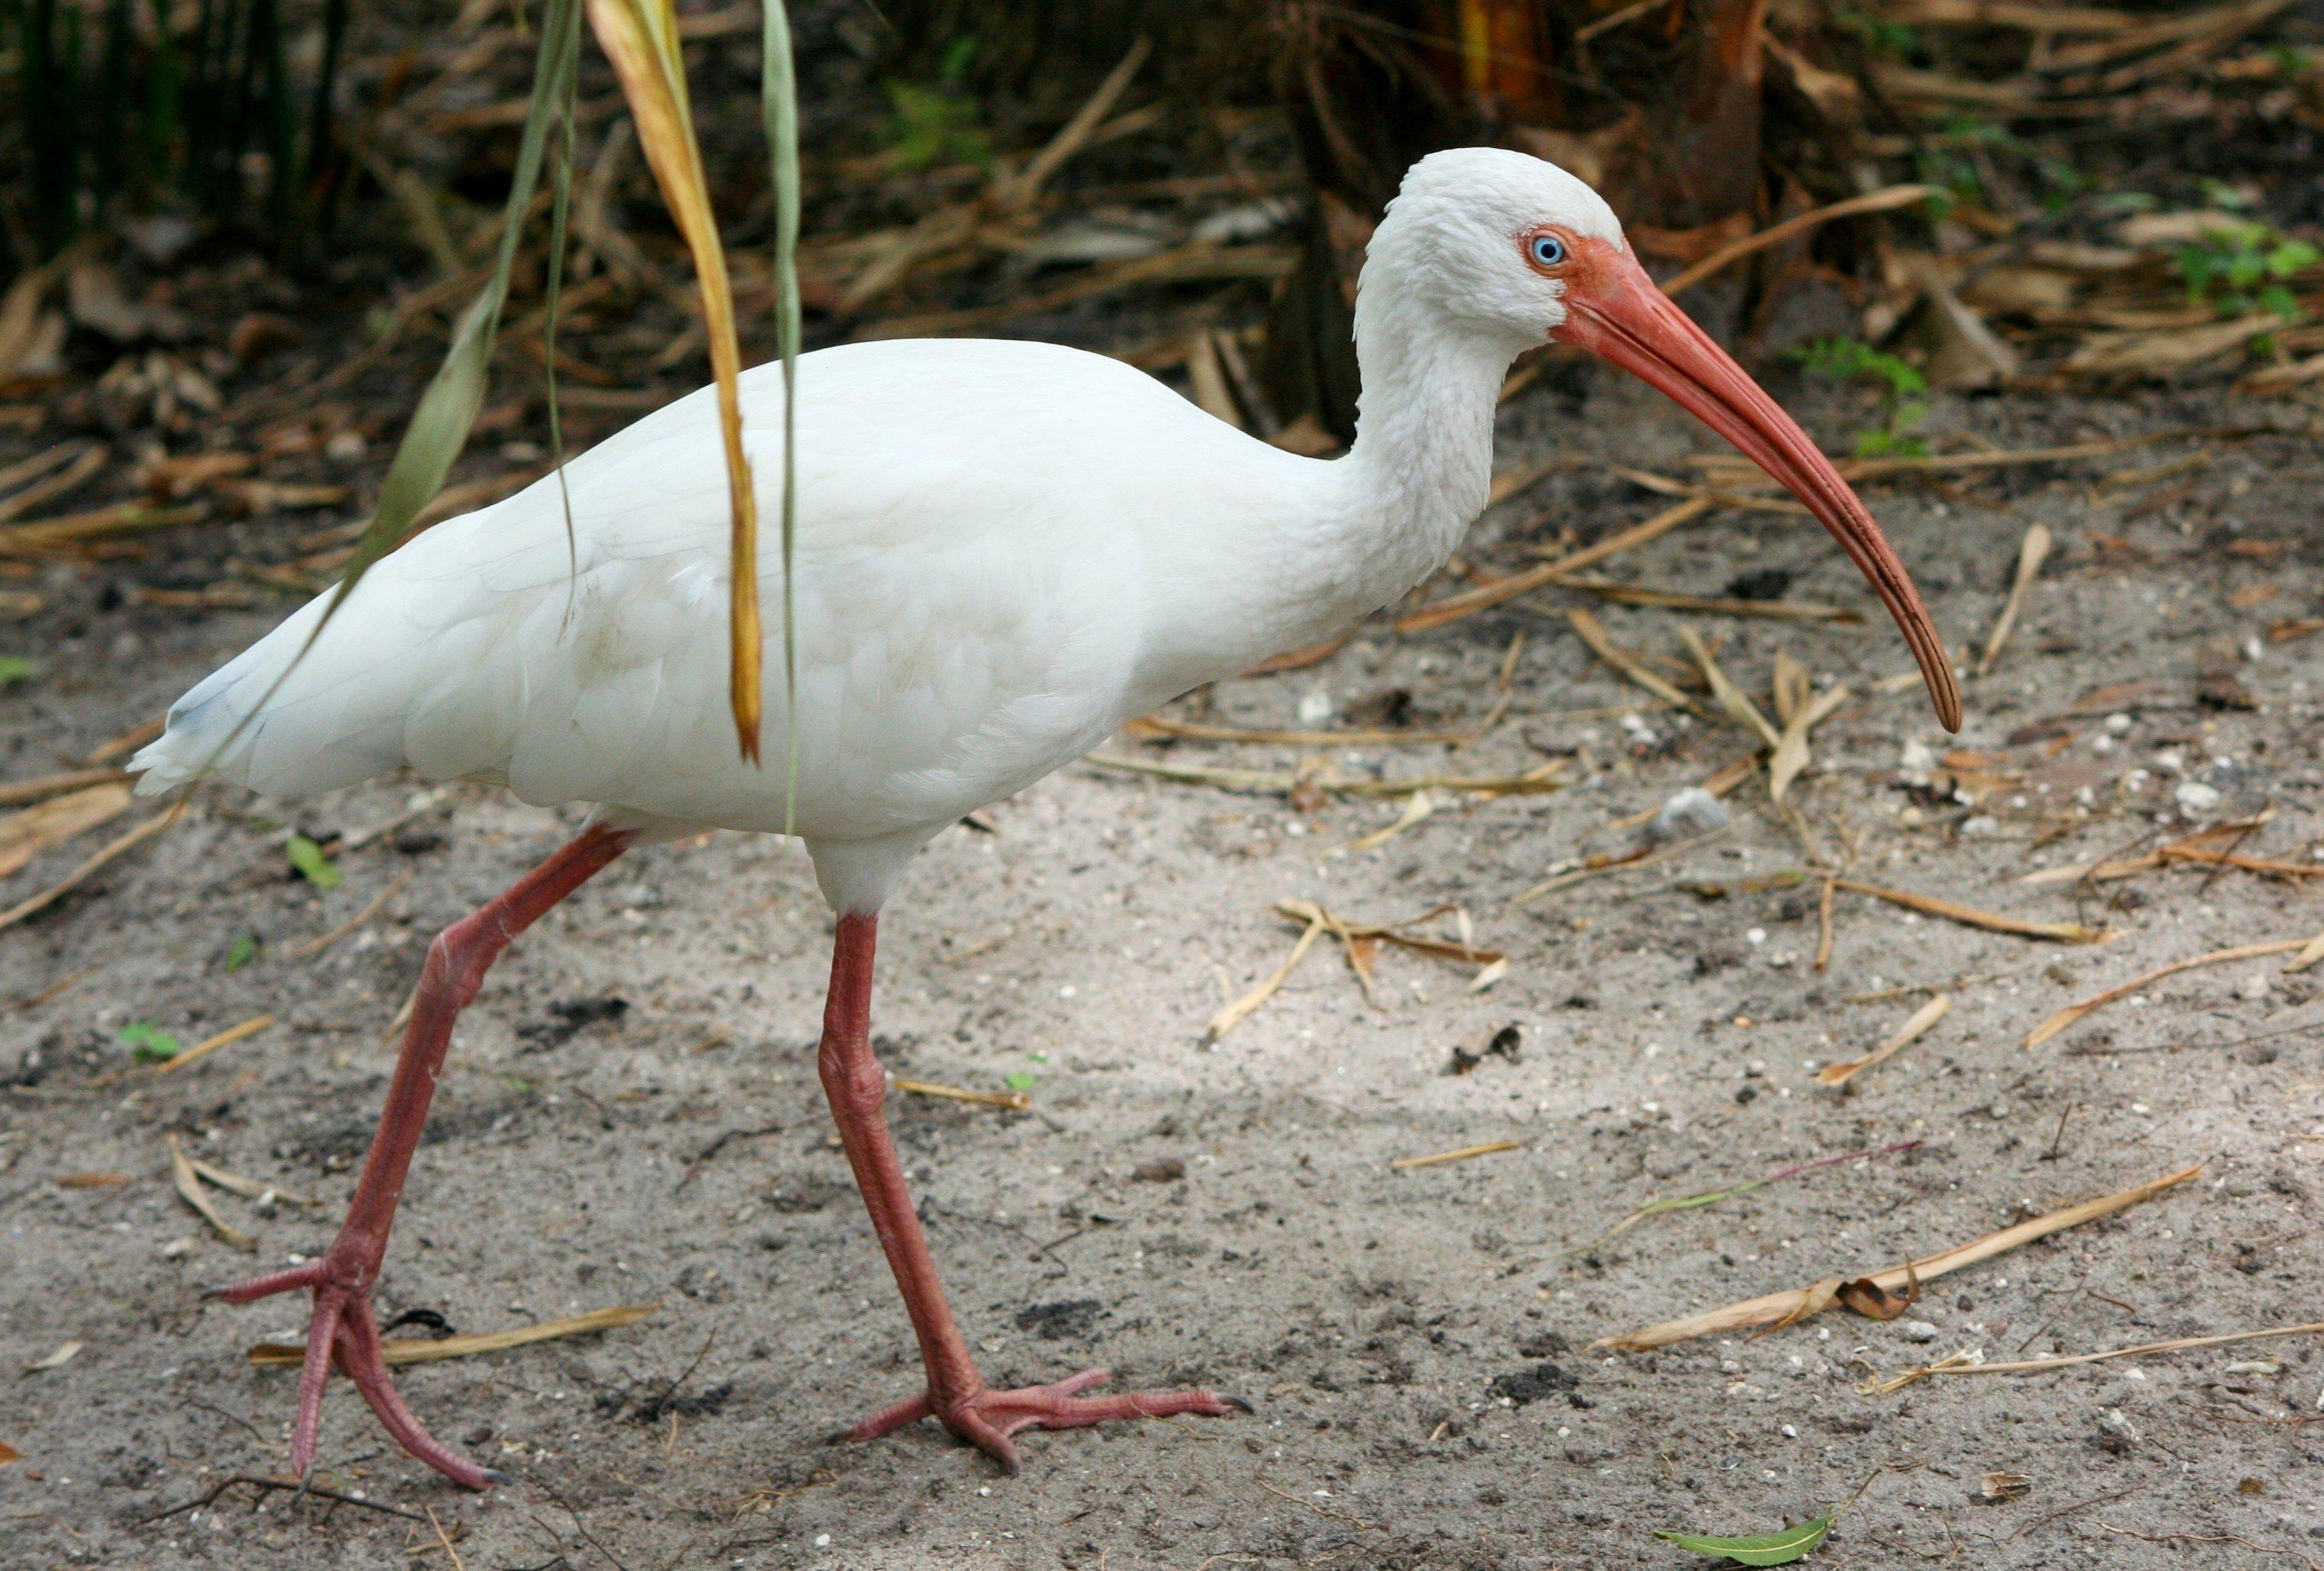 Φωτογραφίες από μεγάλο λευκό πουλί λίπος κώλο σωλήνες πορνό